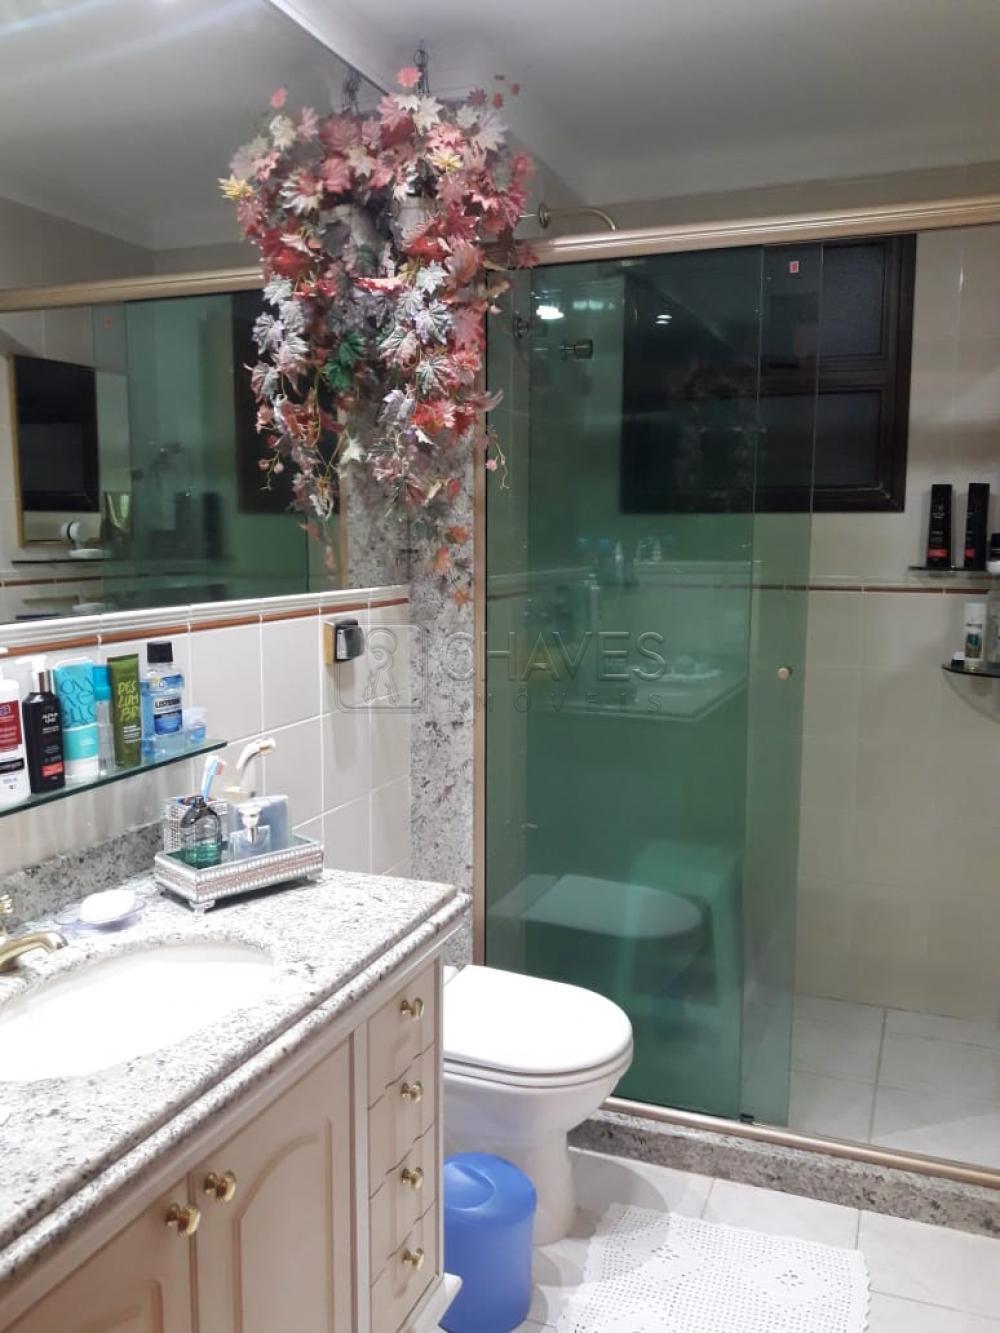 Comprar Apartamento / Padrão em Ribeirão Preto apenas R$ 880.000,00 - Foto 12